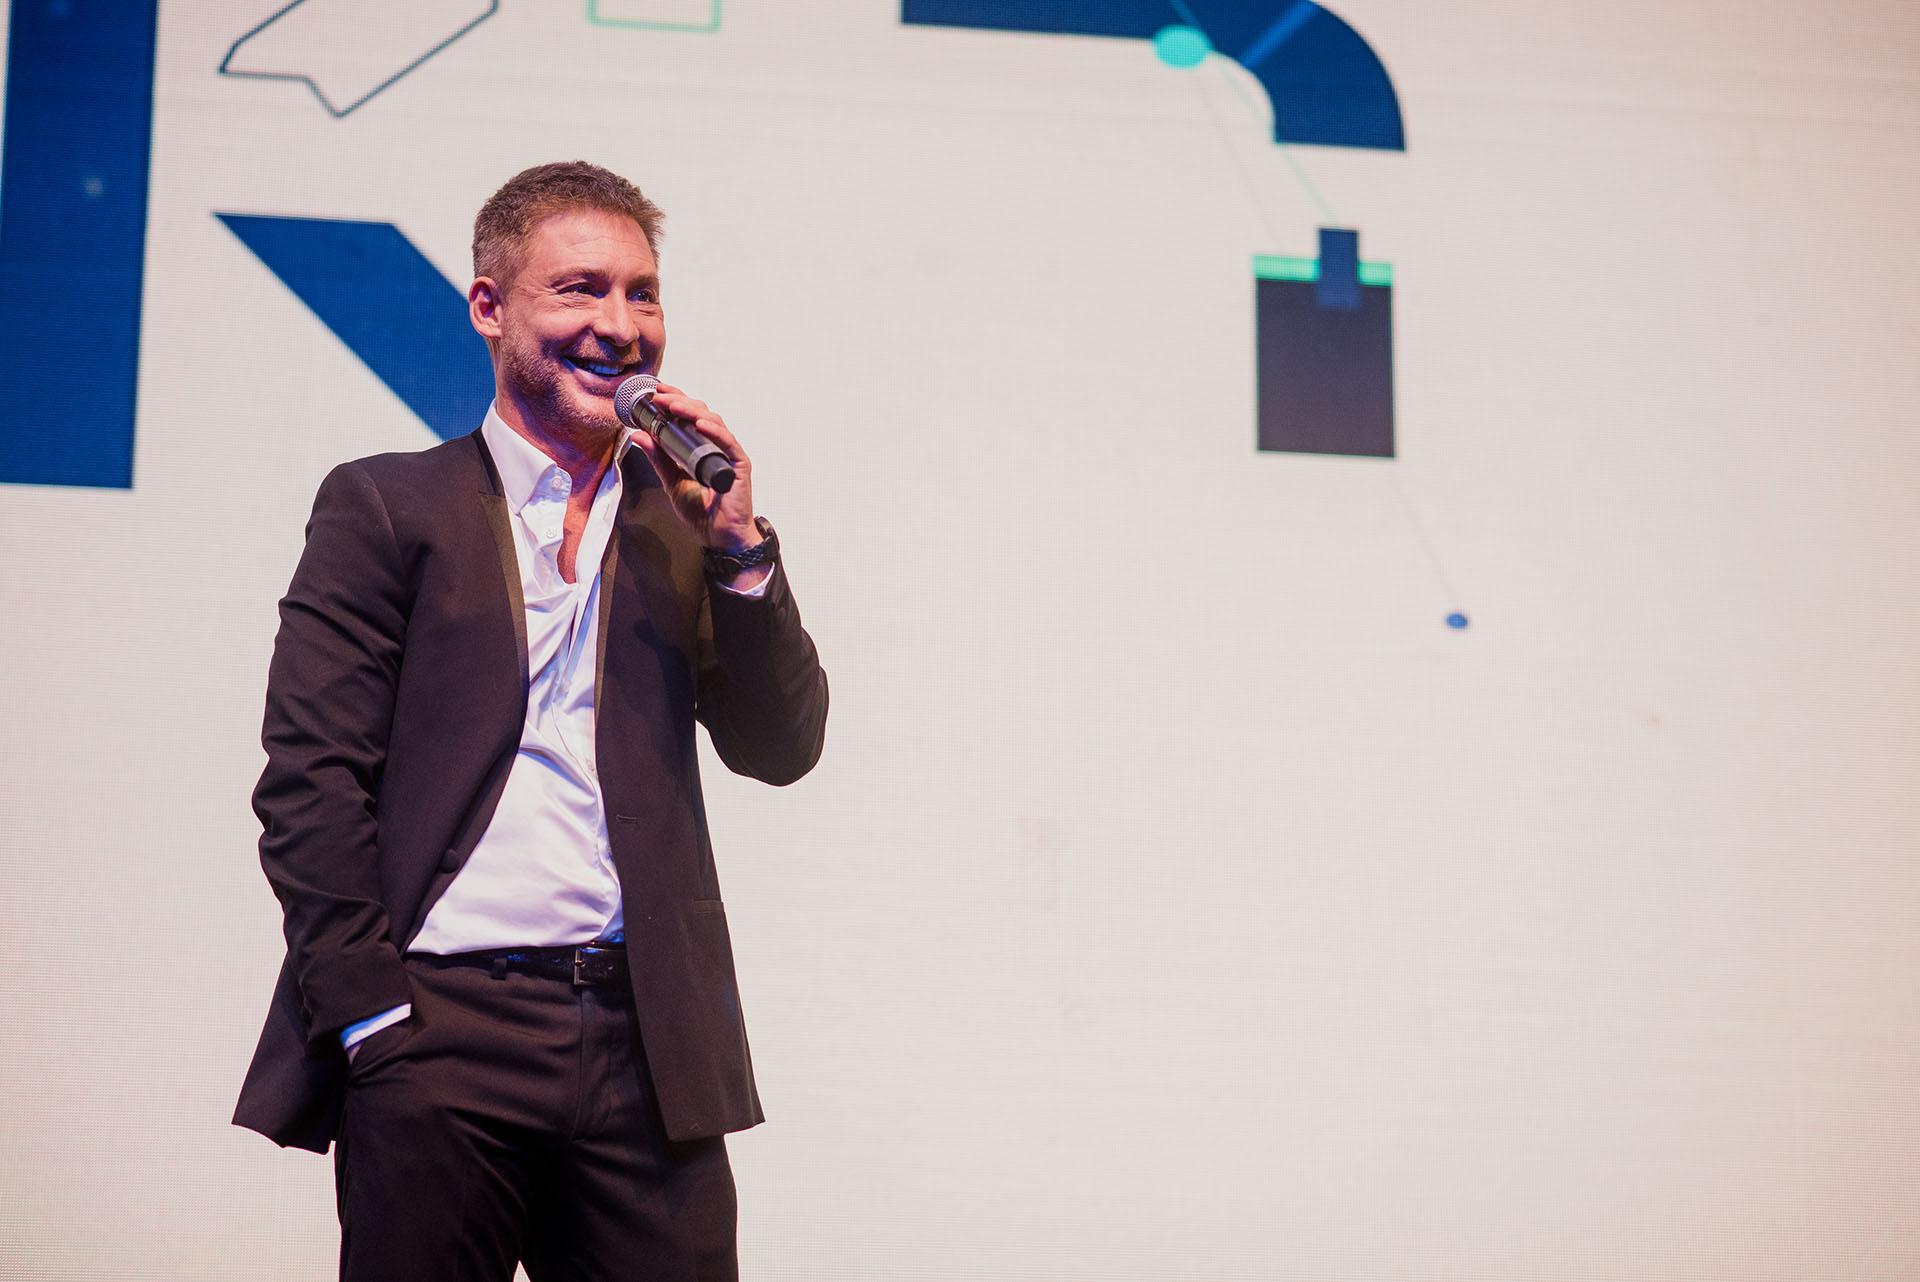 Adrián Suar celebró este aniversario de la productora rodeado de actores, directores, autores y miembros de la industria